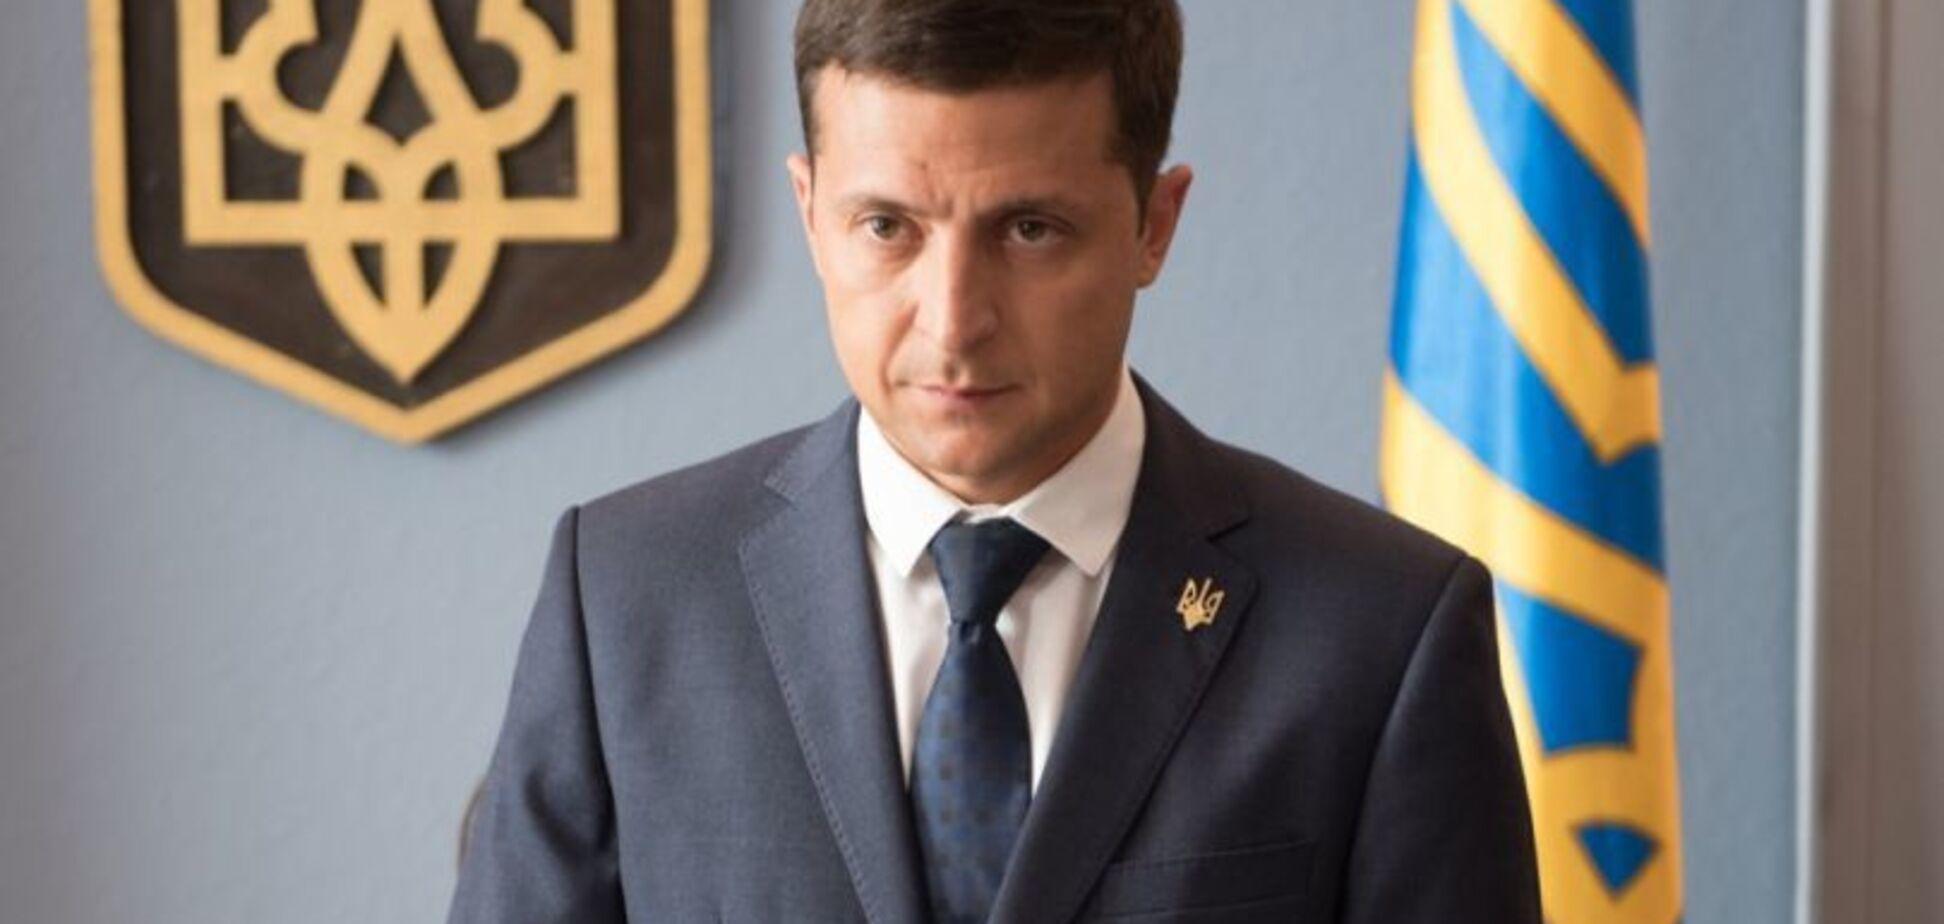 Зеленський оголосив про висунення в президенти: опубліковане відео